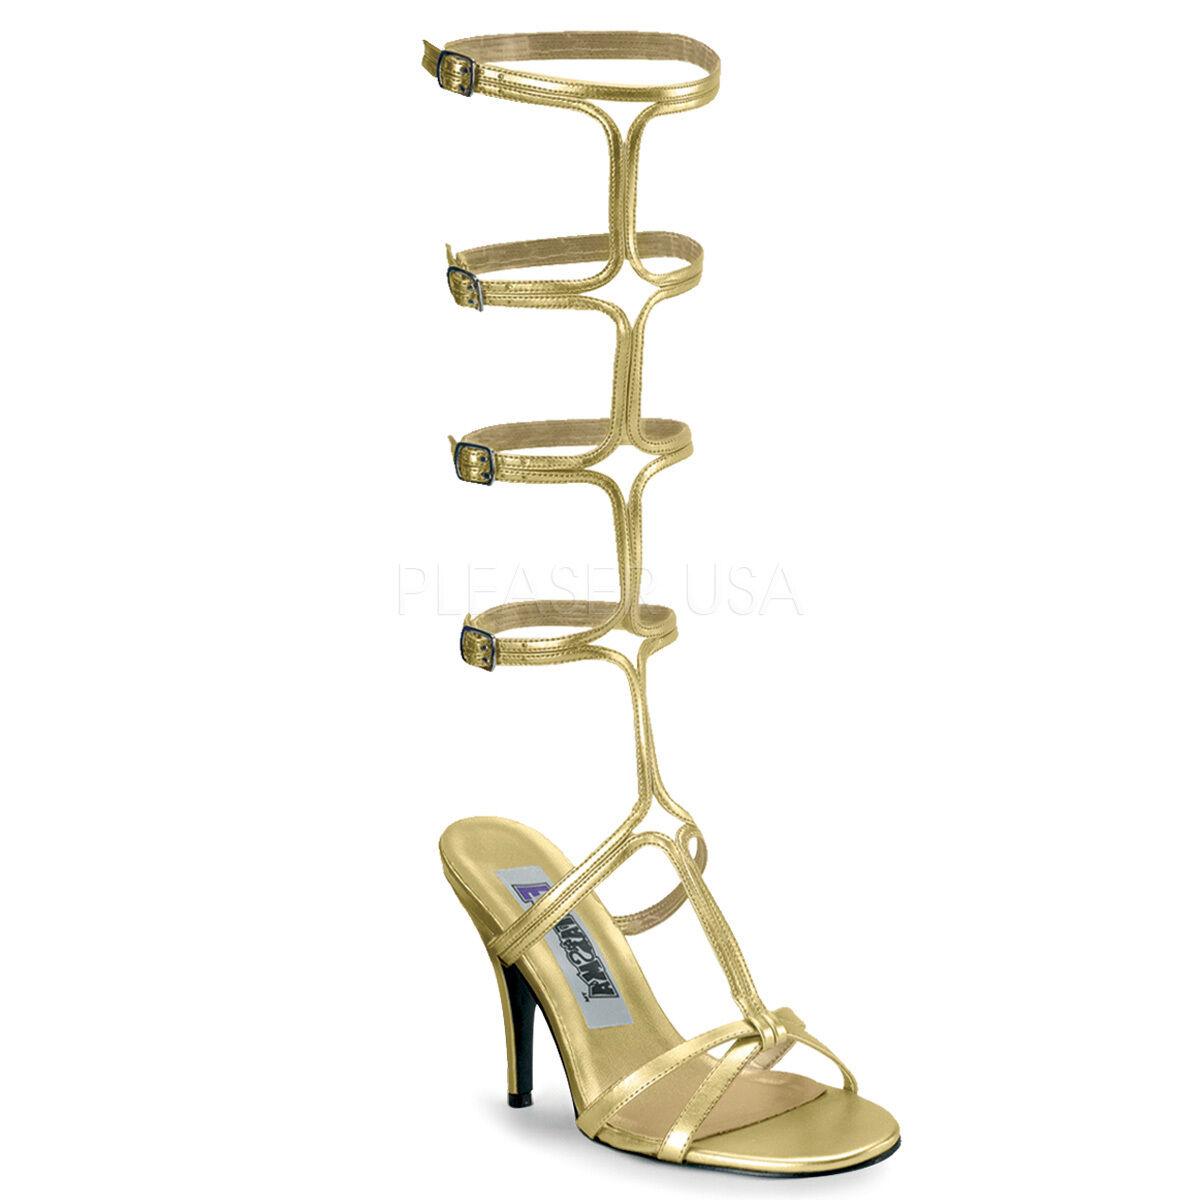 si affrettò a vedere PLEASER Funtasma Roman - - - 10 Donna Gladiatore Dea Costume Scarpe con cinturino  per offrirti un piacevole shopping online